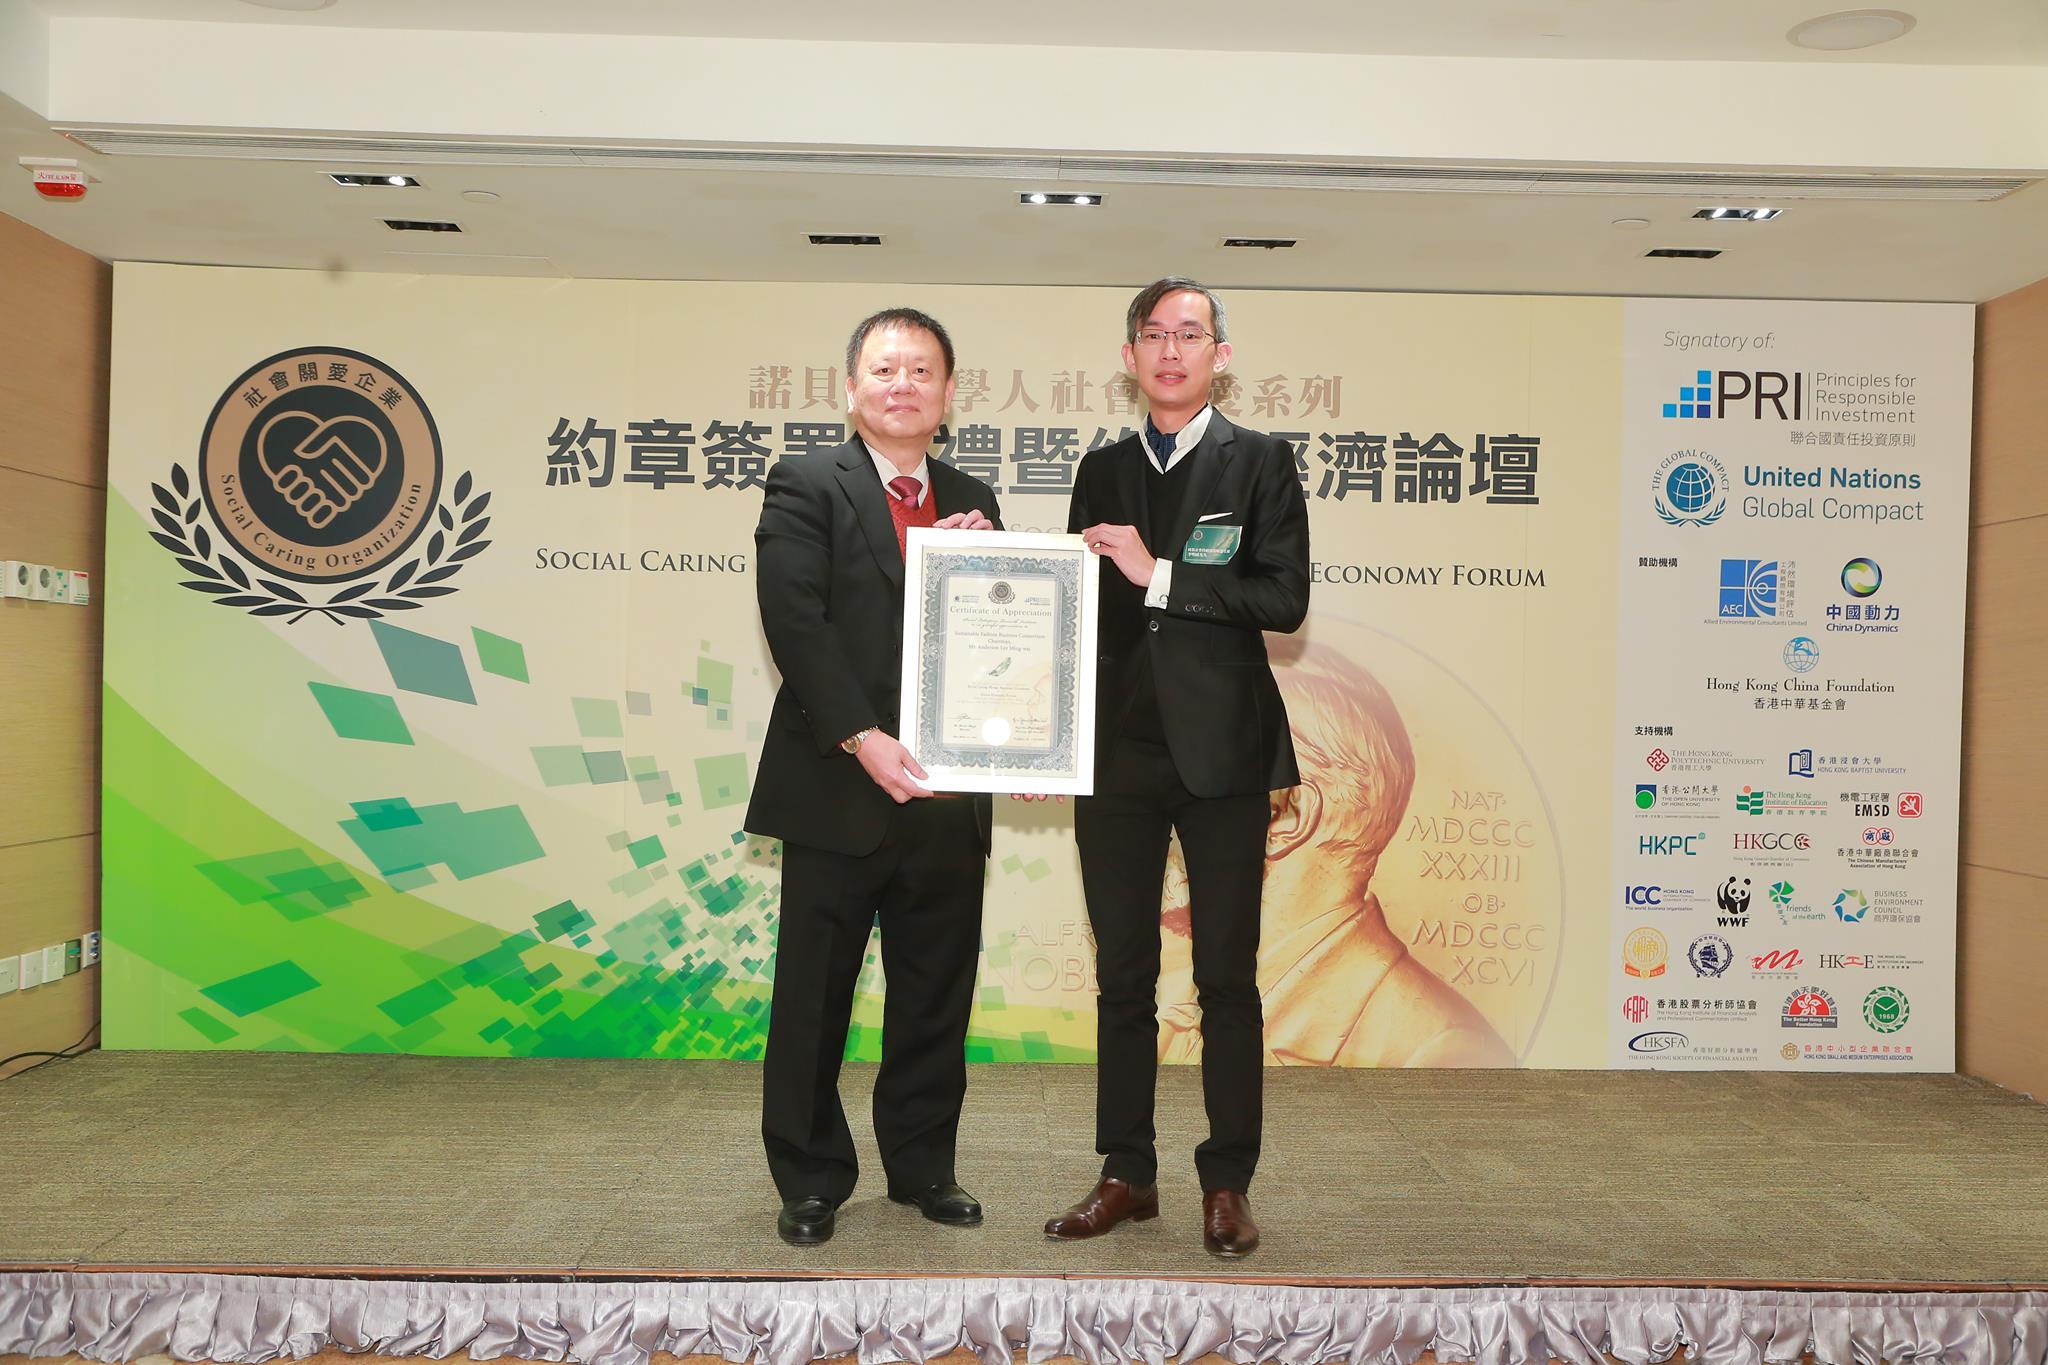 Green Economy Forum 2